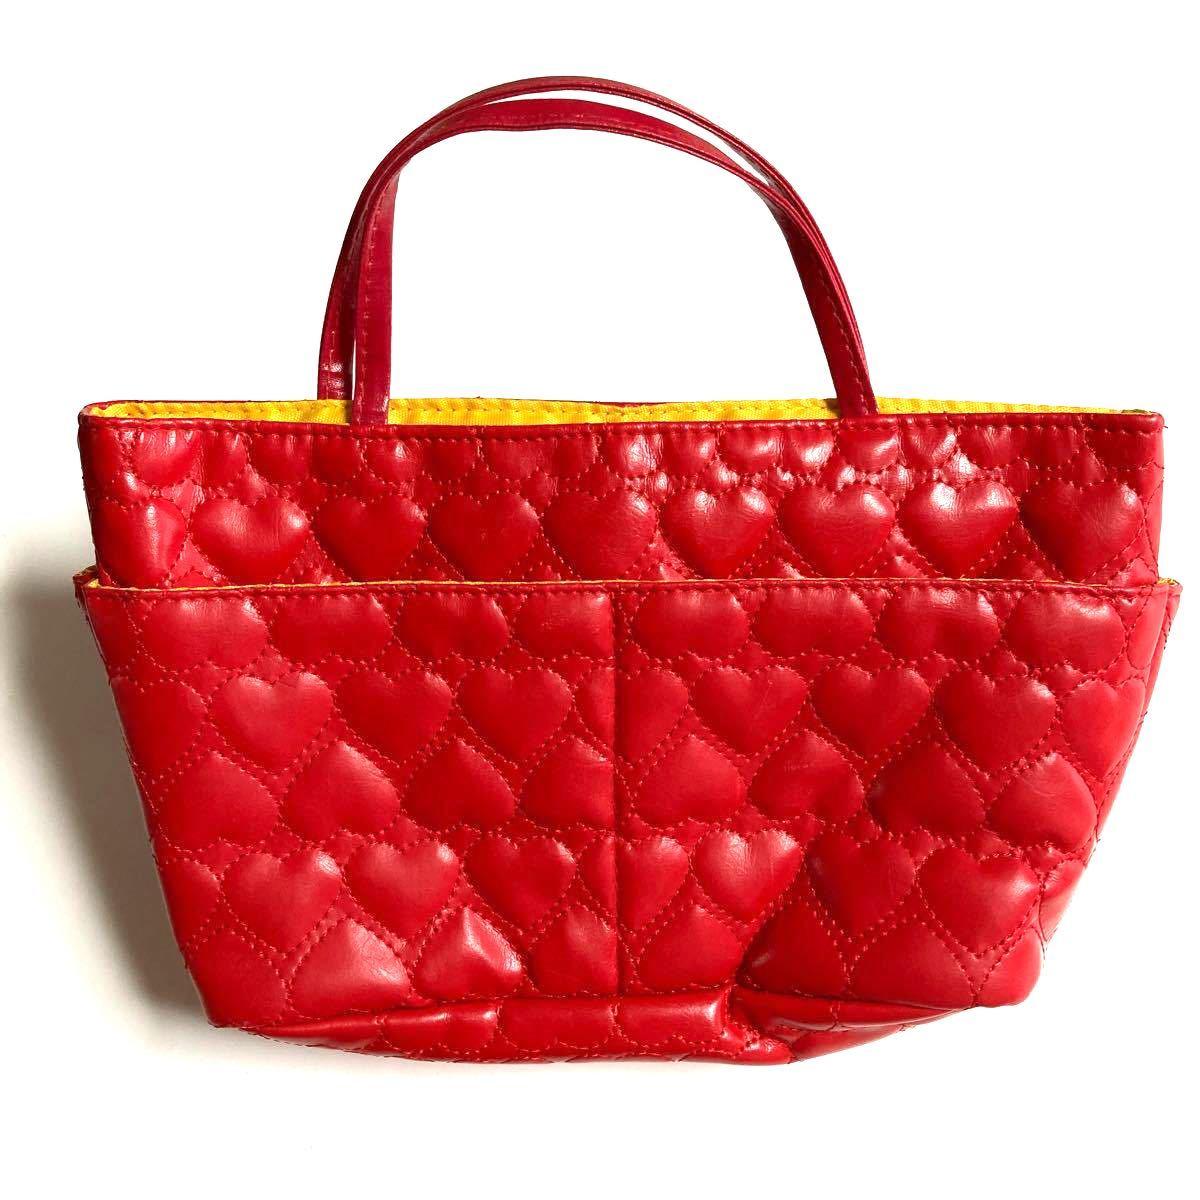 ★ミニバッグ ミニトートバッグ バッグインバッグ ポーチ 赤 ハートステッチ イエロー 磁石ボタン ポケット外4+内5 合皮素材